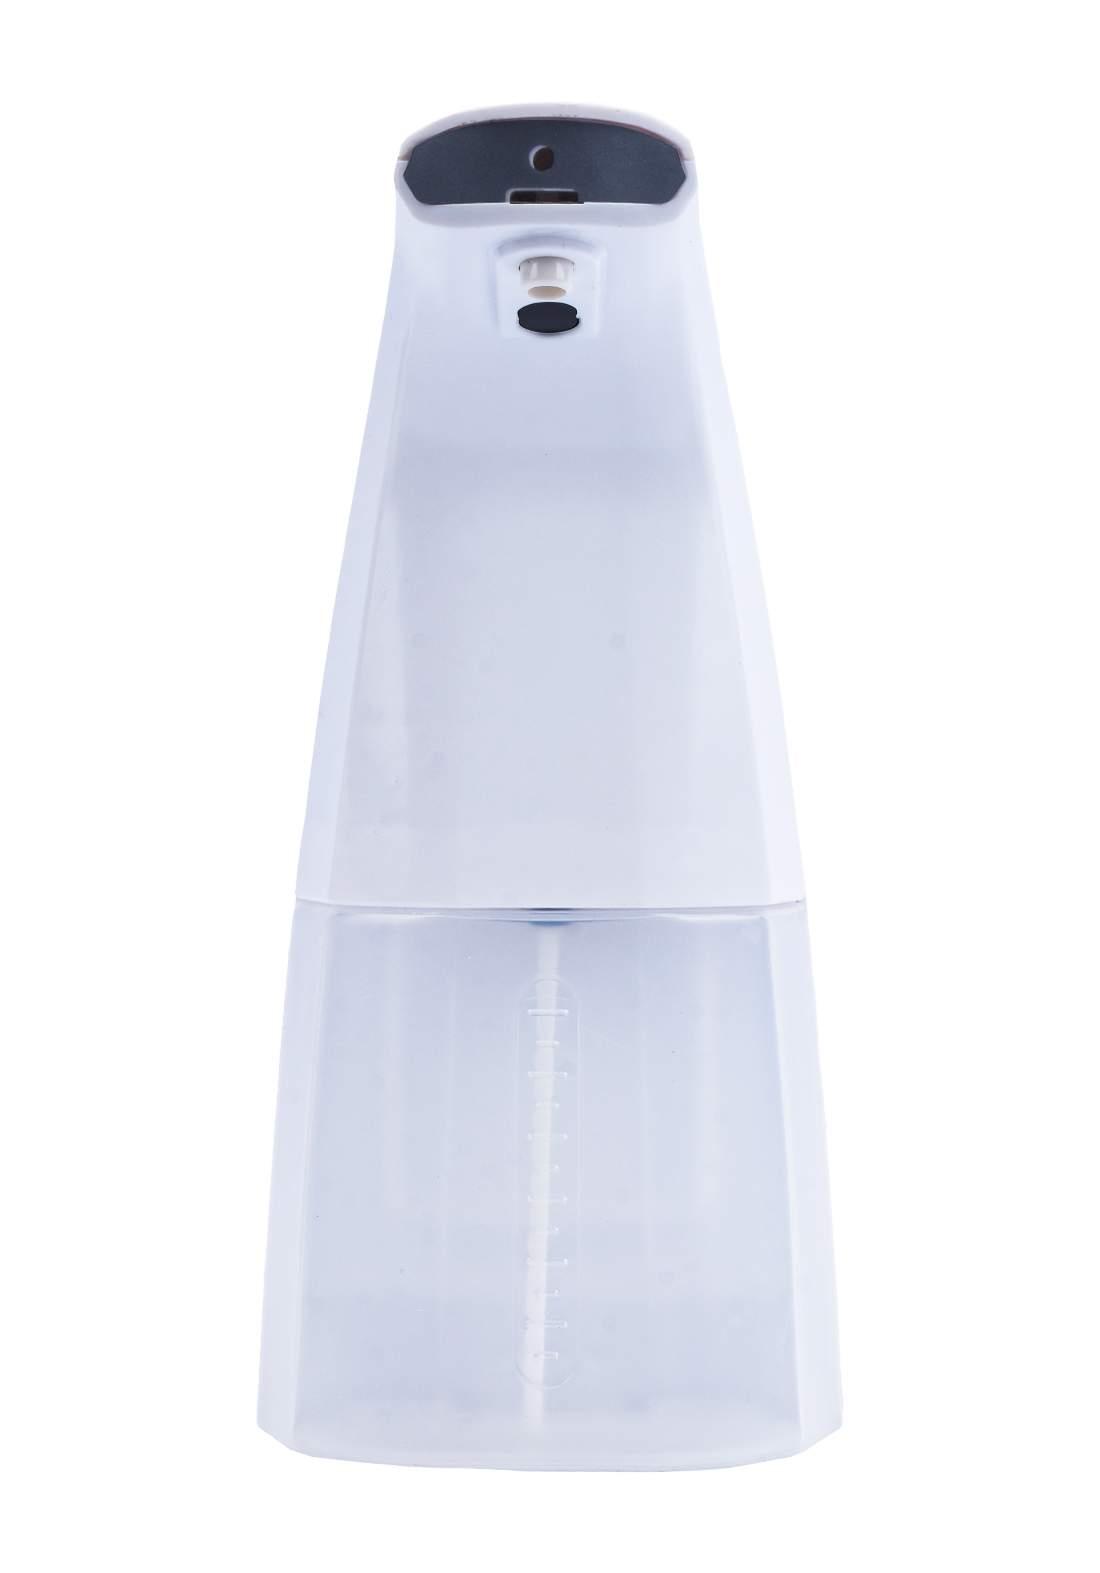 Auto Foam Soap Dispenser موزع أوتوماتيكي للصابون